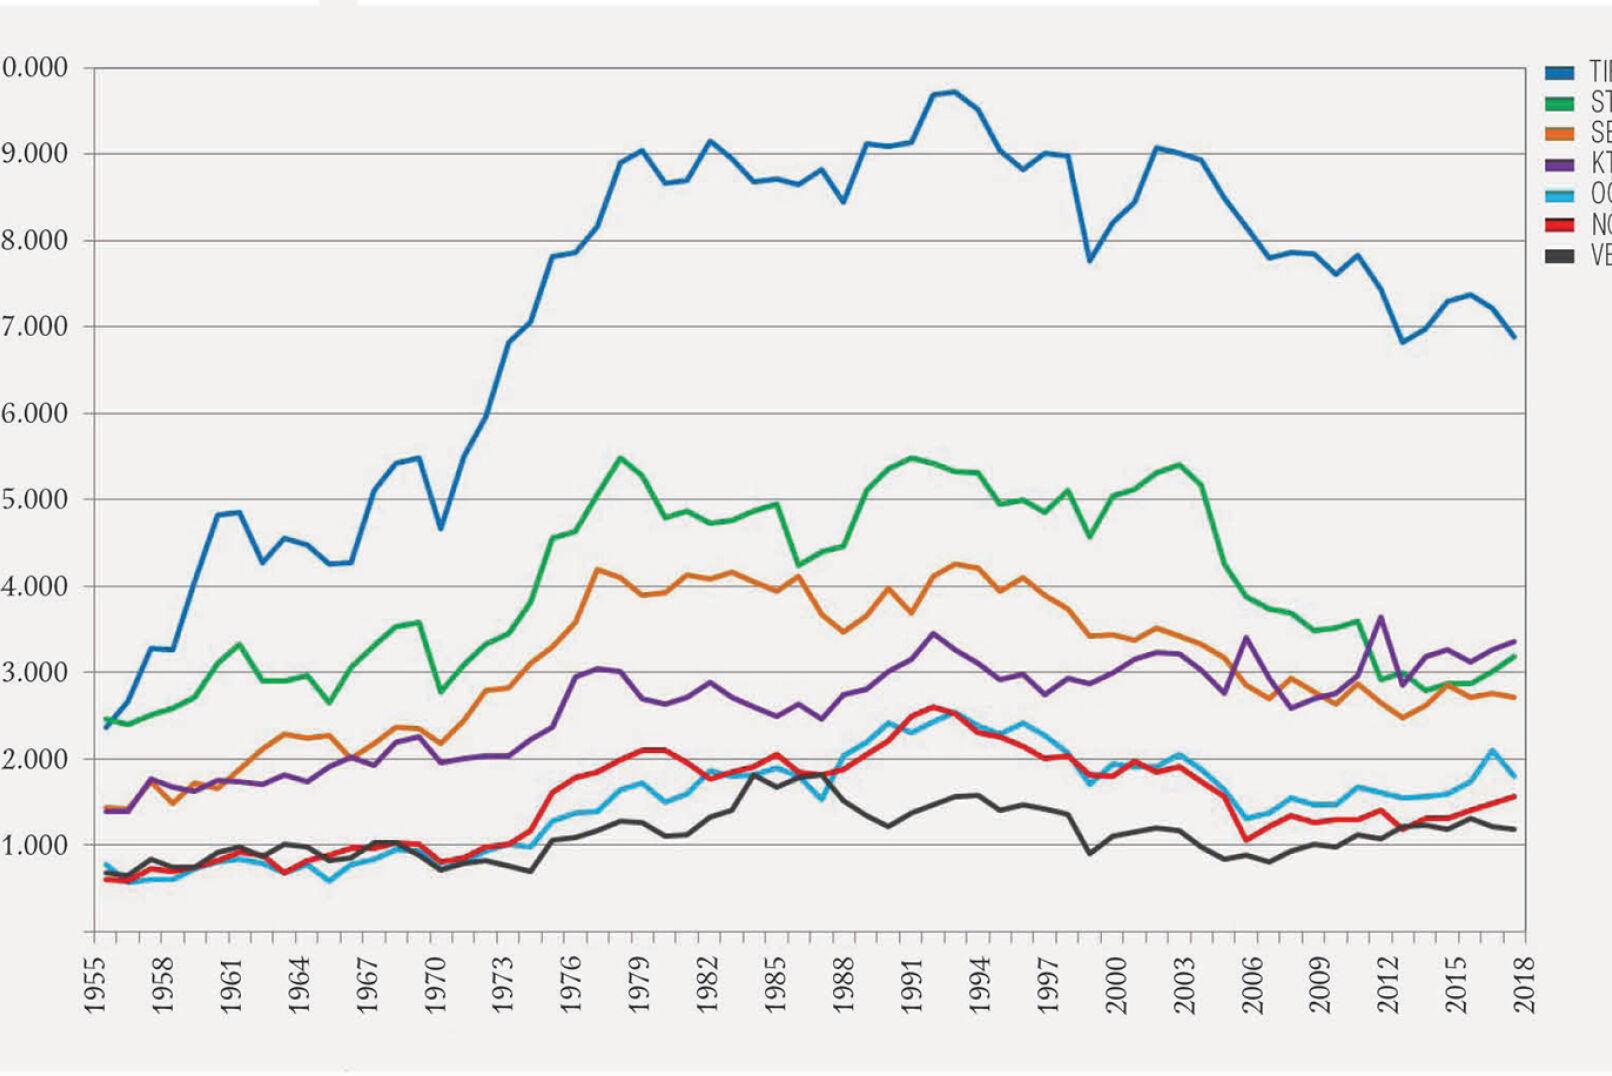 Abbildung 3 - Jährlicher Gamswildabschuss in denösterreichischen Bundesländern von1955 bis 2018. - © Grafik Reimoser